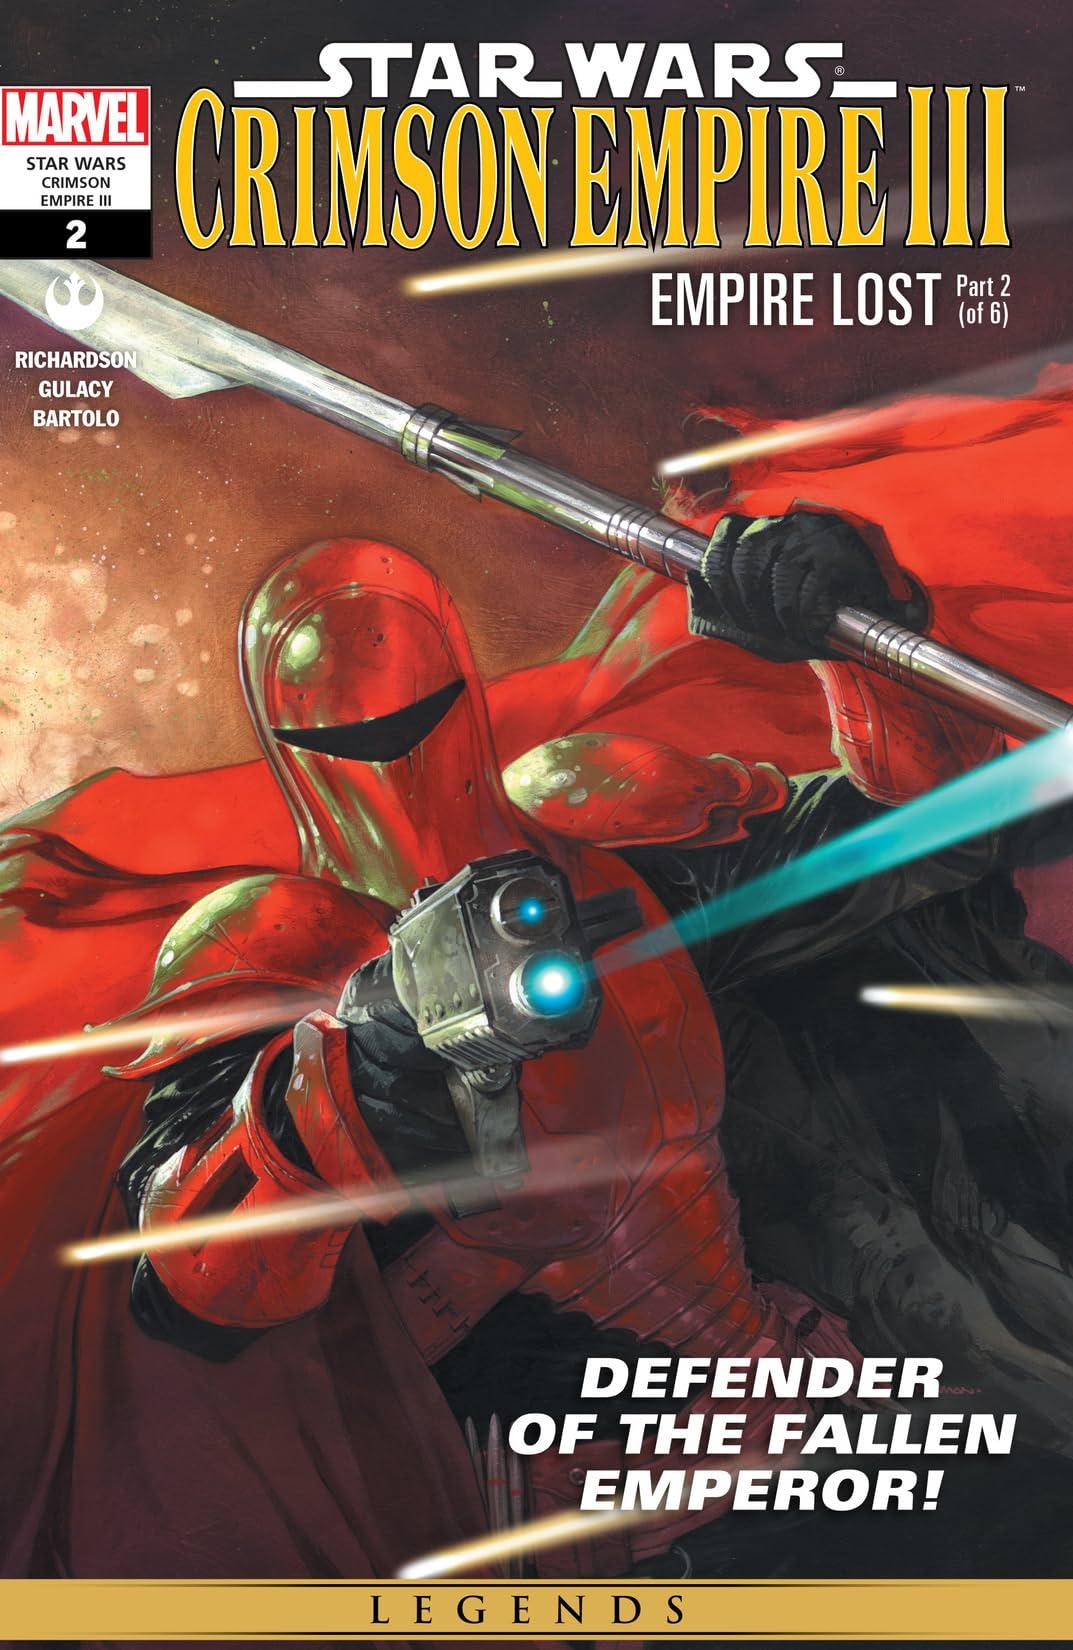 Star Wars: Crimson Empire III - Empire Lost (2011-2012) #2 (of 6)